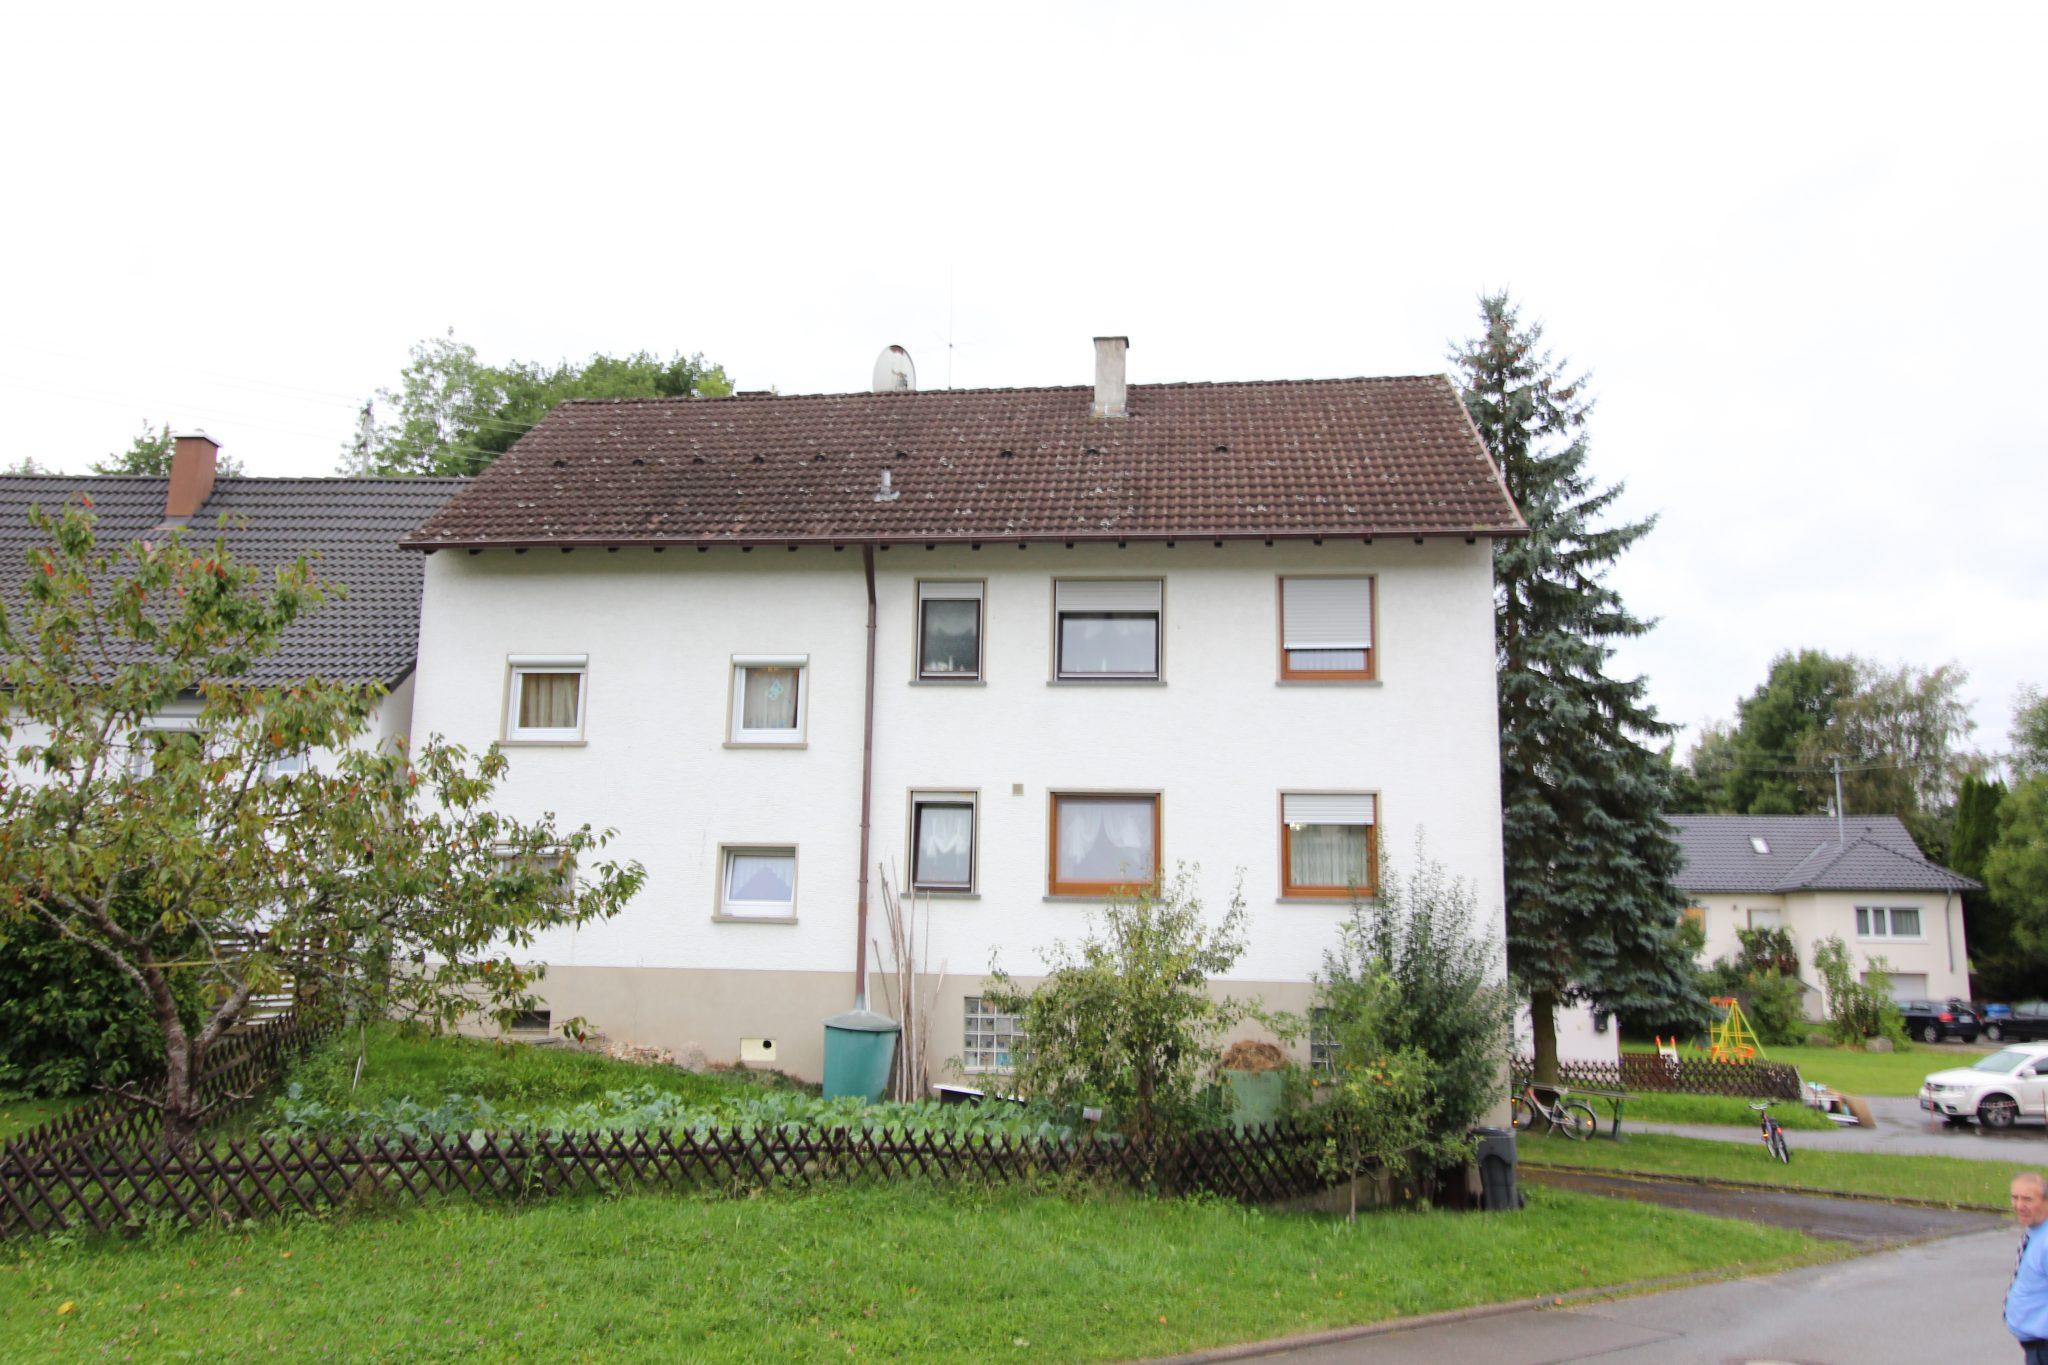 Zweifamilienhaus zu Verkaufen in Schörzingen